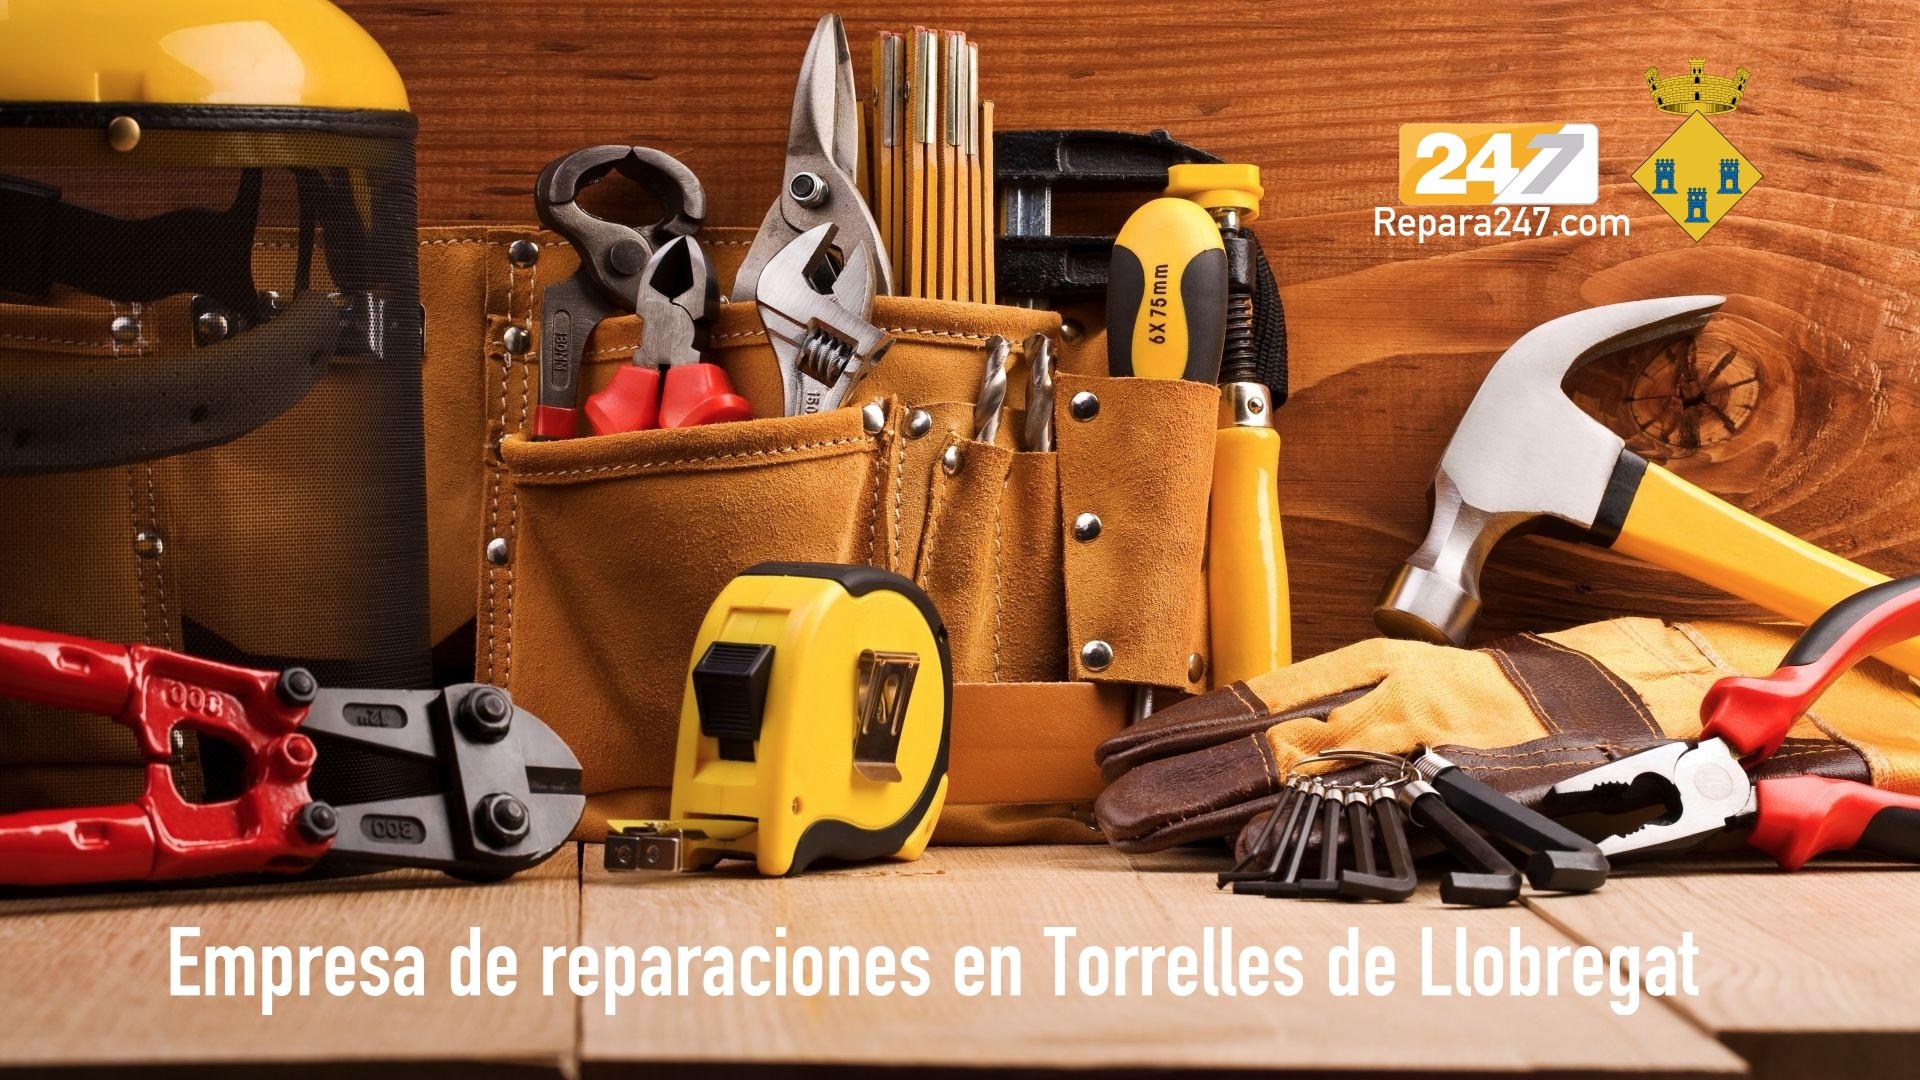 Empresa de reparaciones en Torrelles de Llobregat